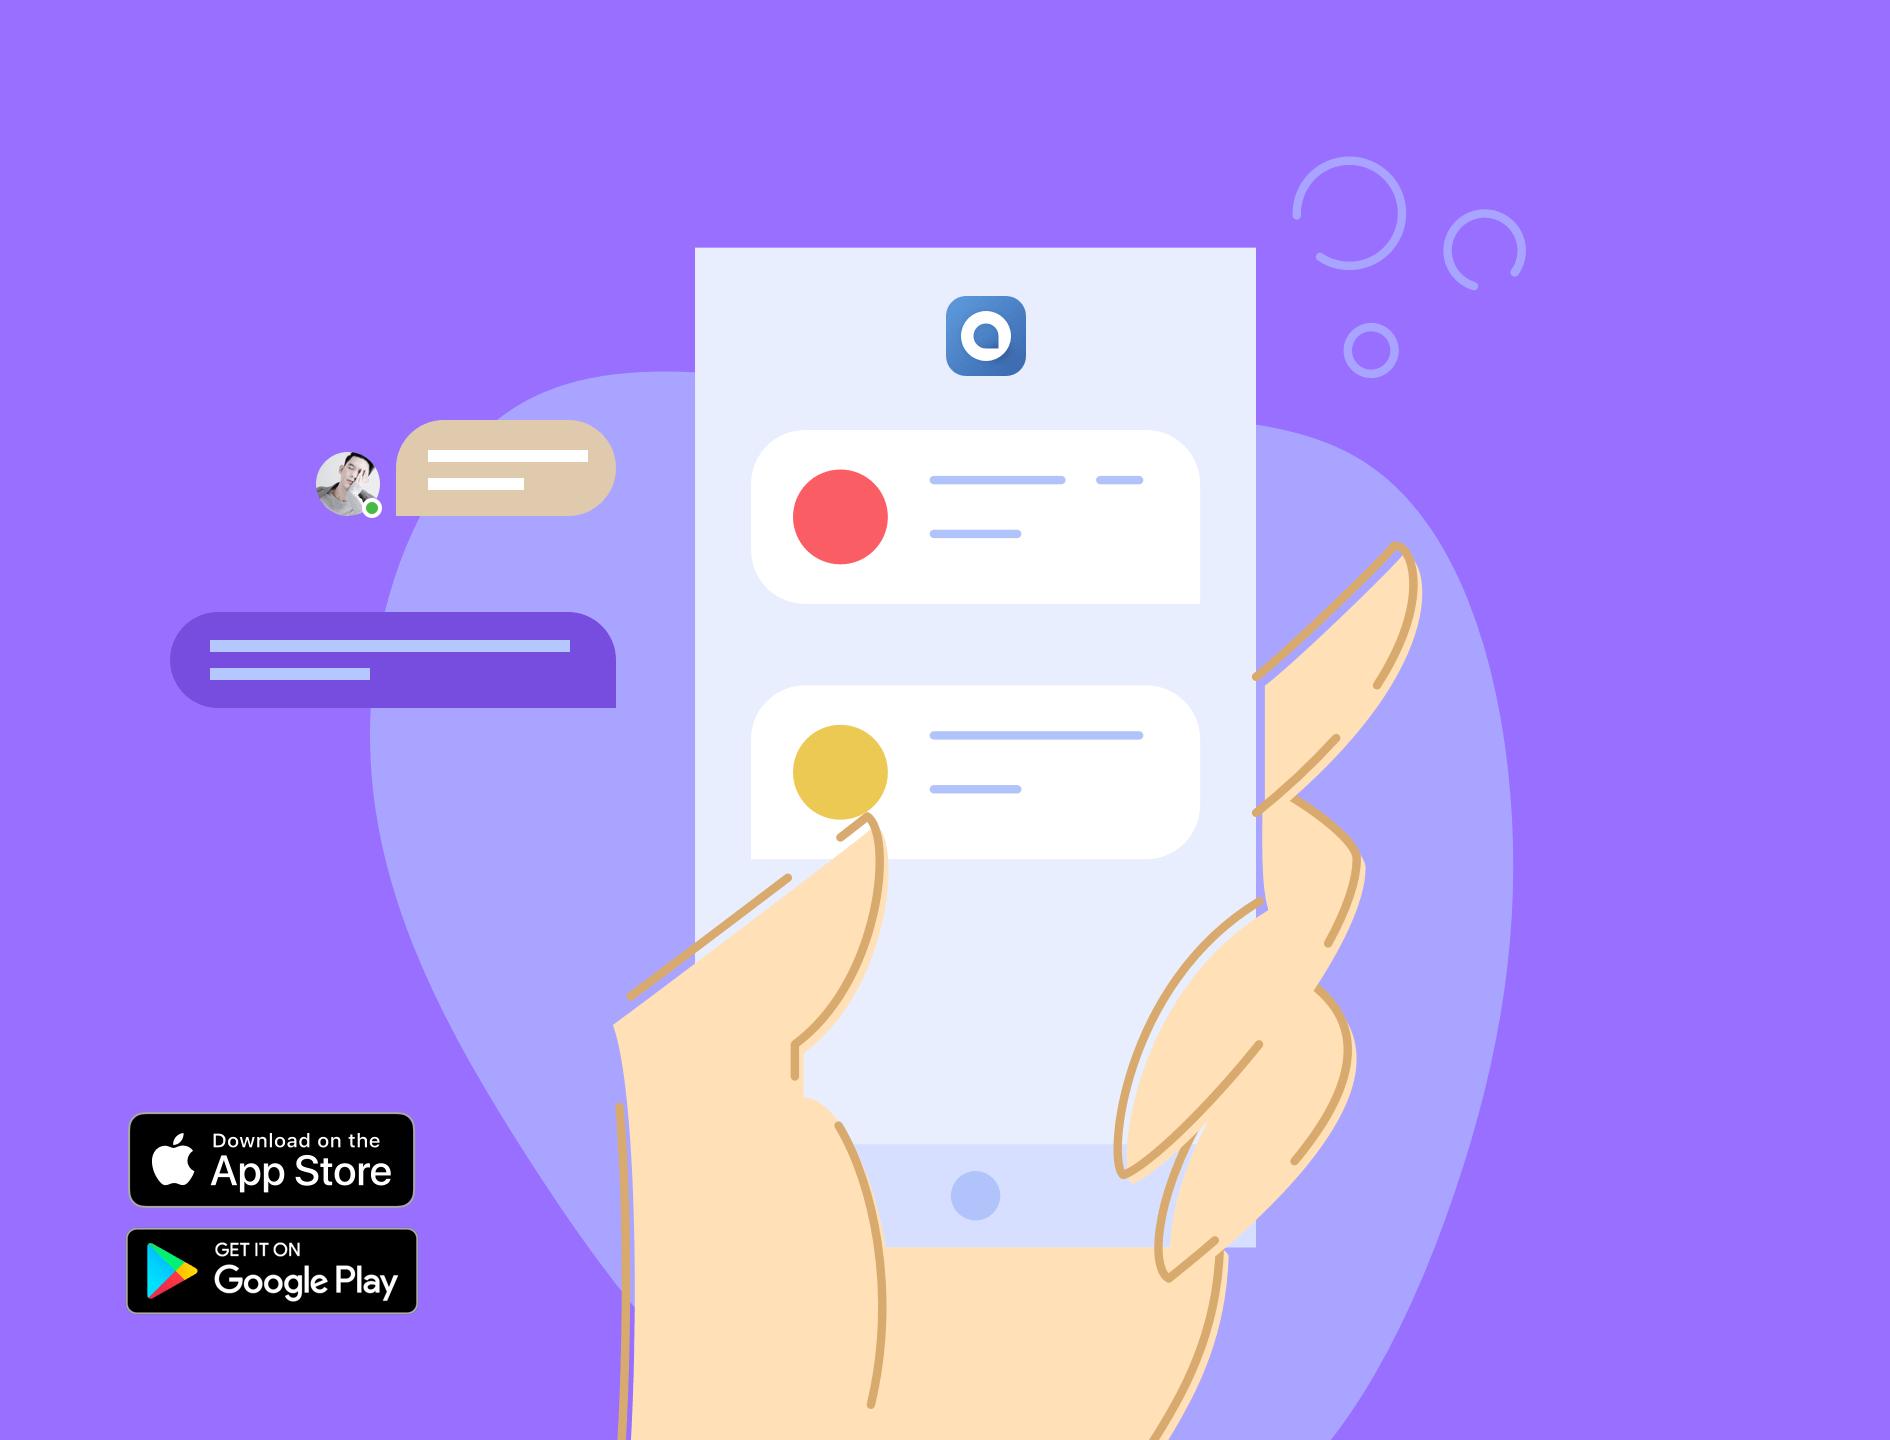 Conversations App 1.5 Released